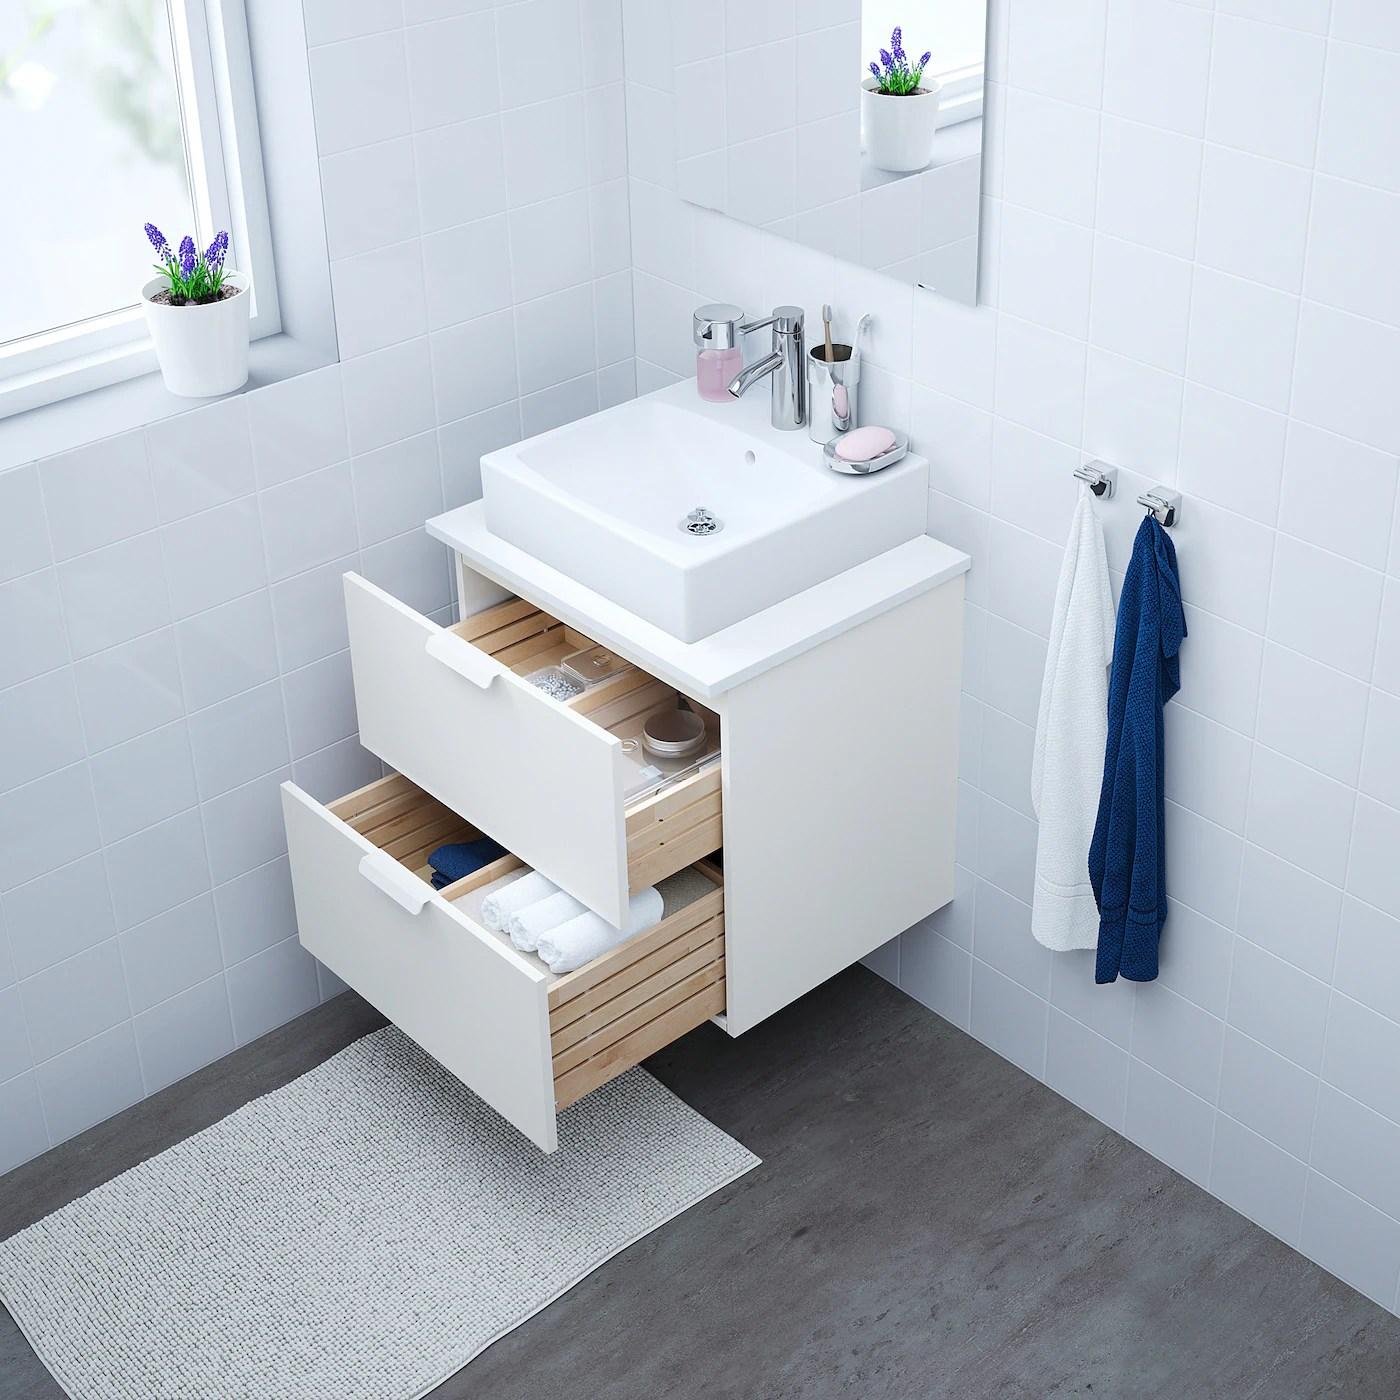 Godmorgon Tolken Tornviken Meuble Lavabo Av Lav A Poser 45x45 Blanc Blanc Dalskar Mitigeur Lavabo 62x49x72 Cm Ikea